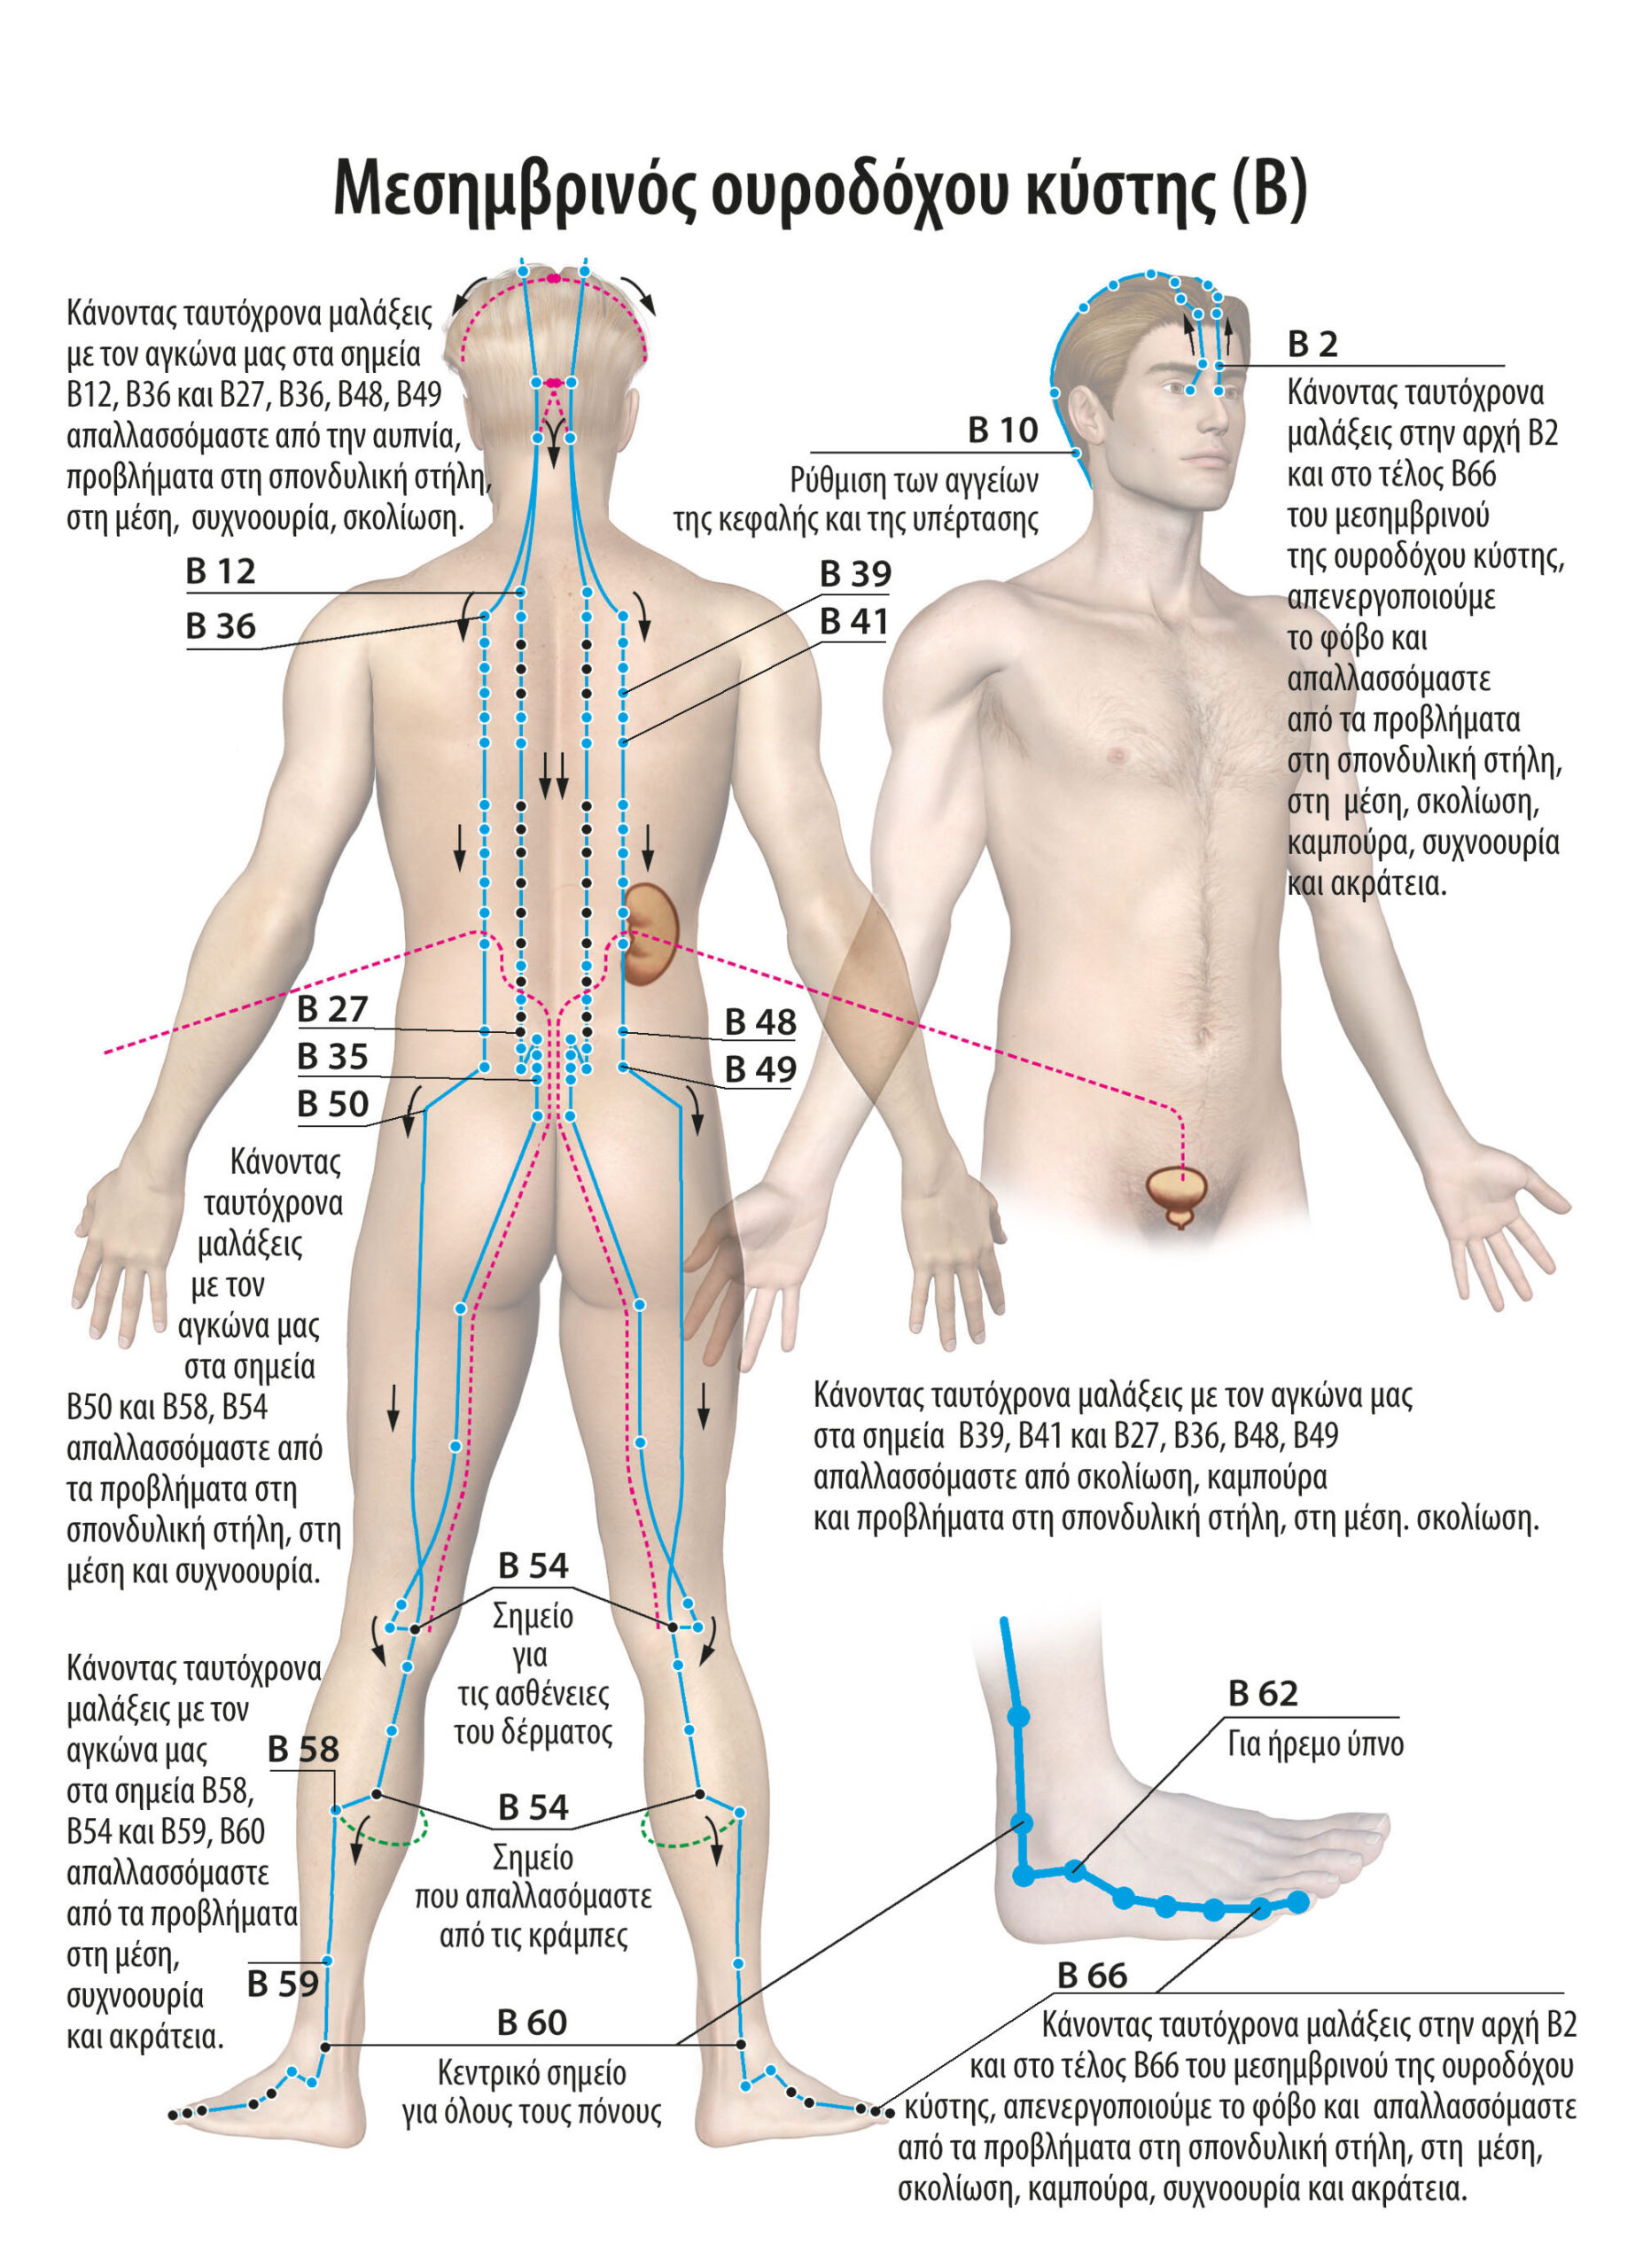 Αυτοθεραπεία από ακράτεια και συχνοουρία ξεμπλοκαρόντας τον μεσημβρινό της ουροδόχου κύστης και ενεργοποιόντας την ουροδόχο κύστη. 2